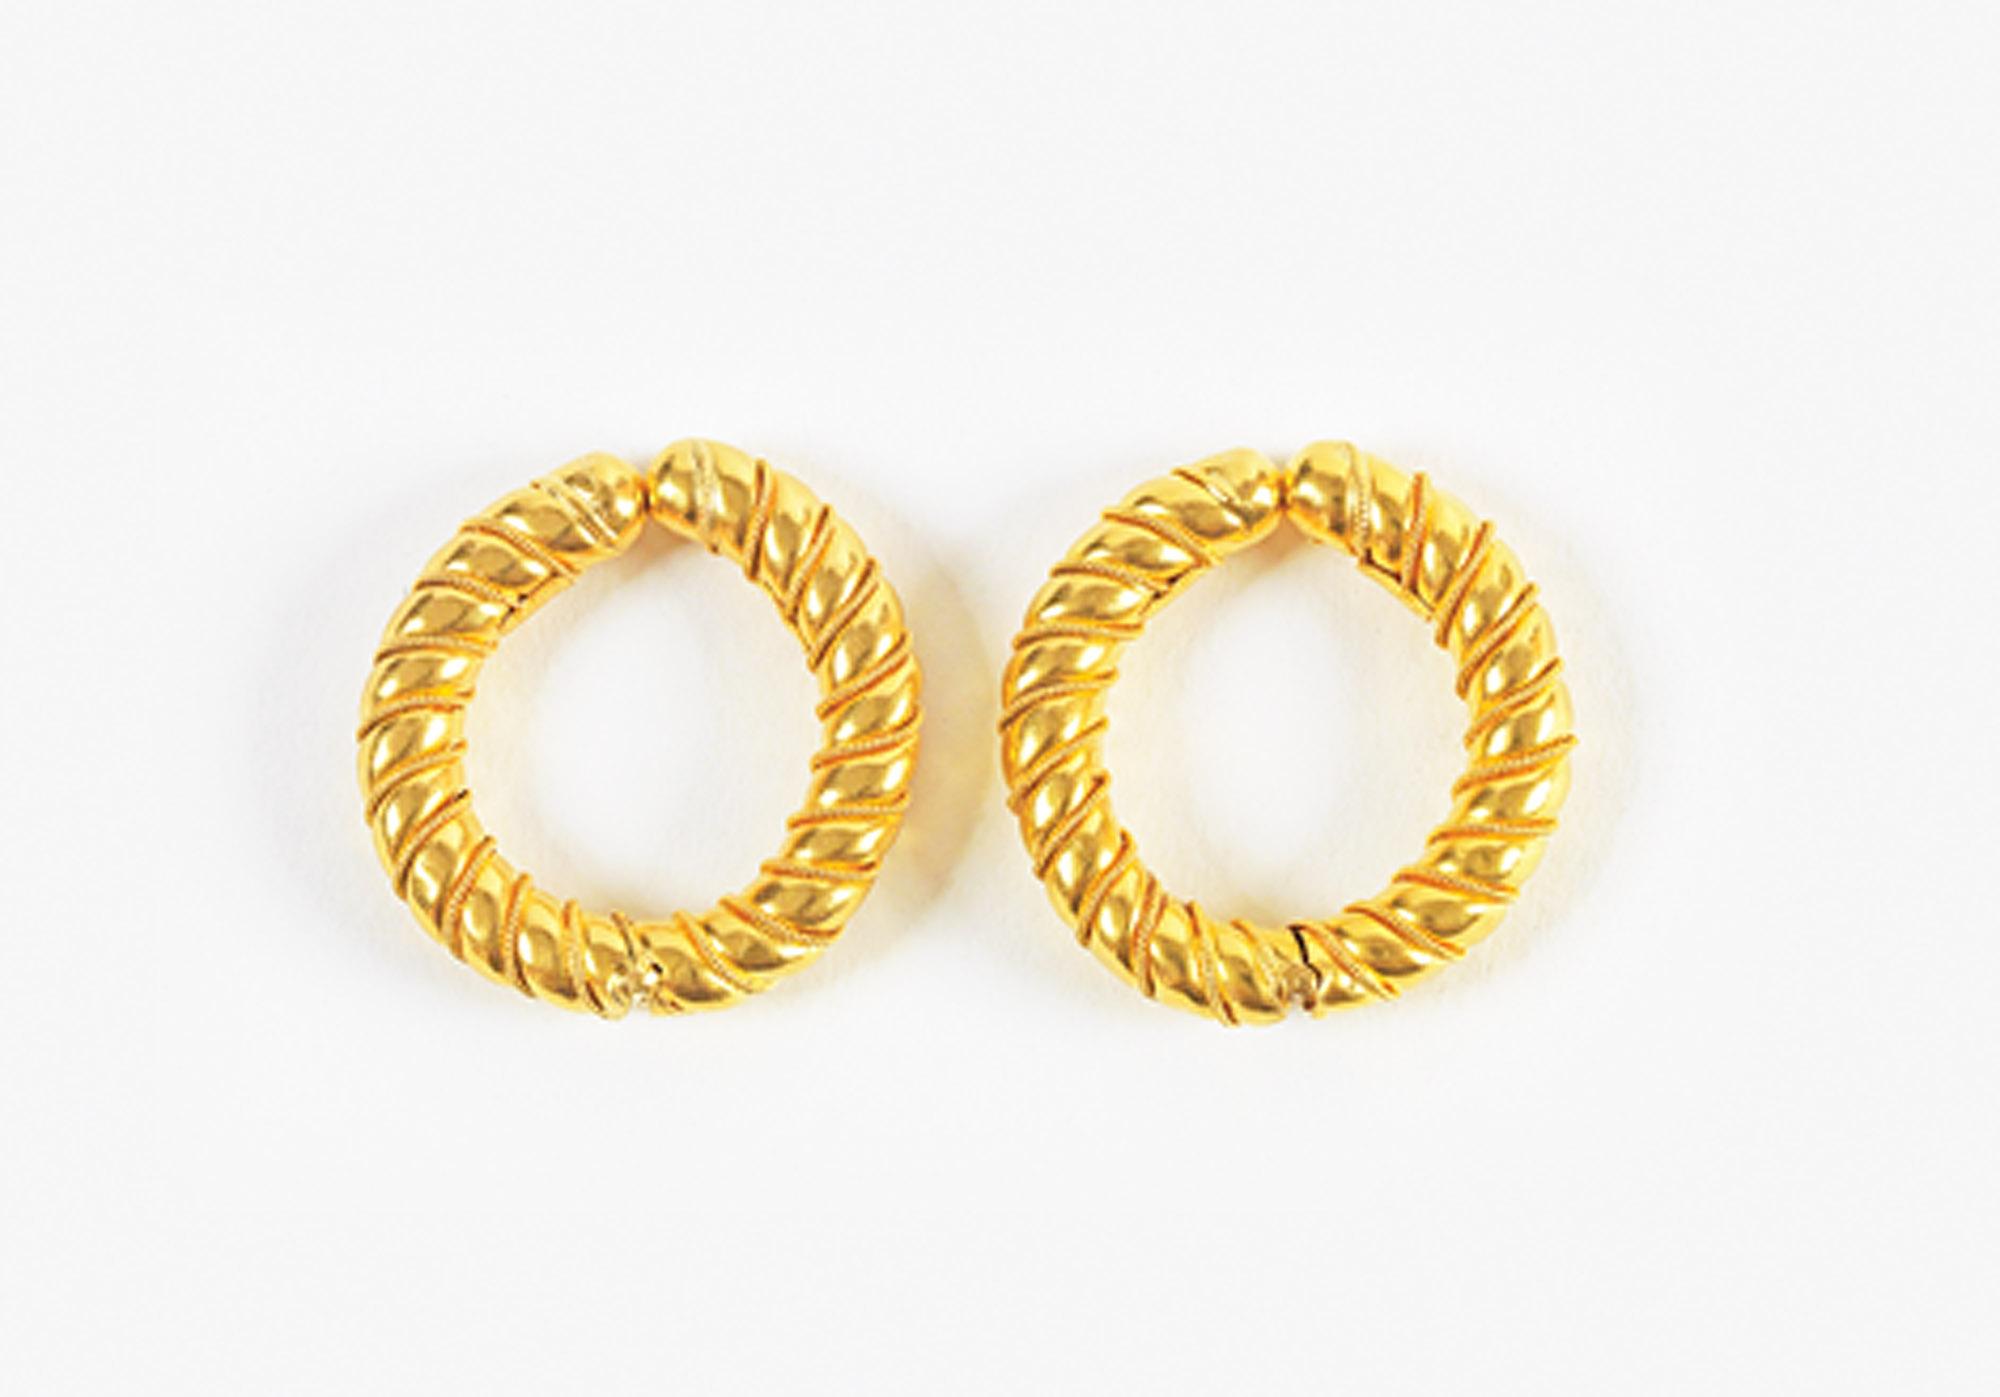 Ilias Lalaounis - Pair of rope-twist hoop earrings